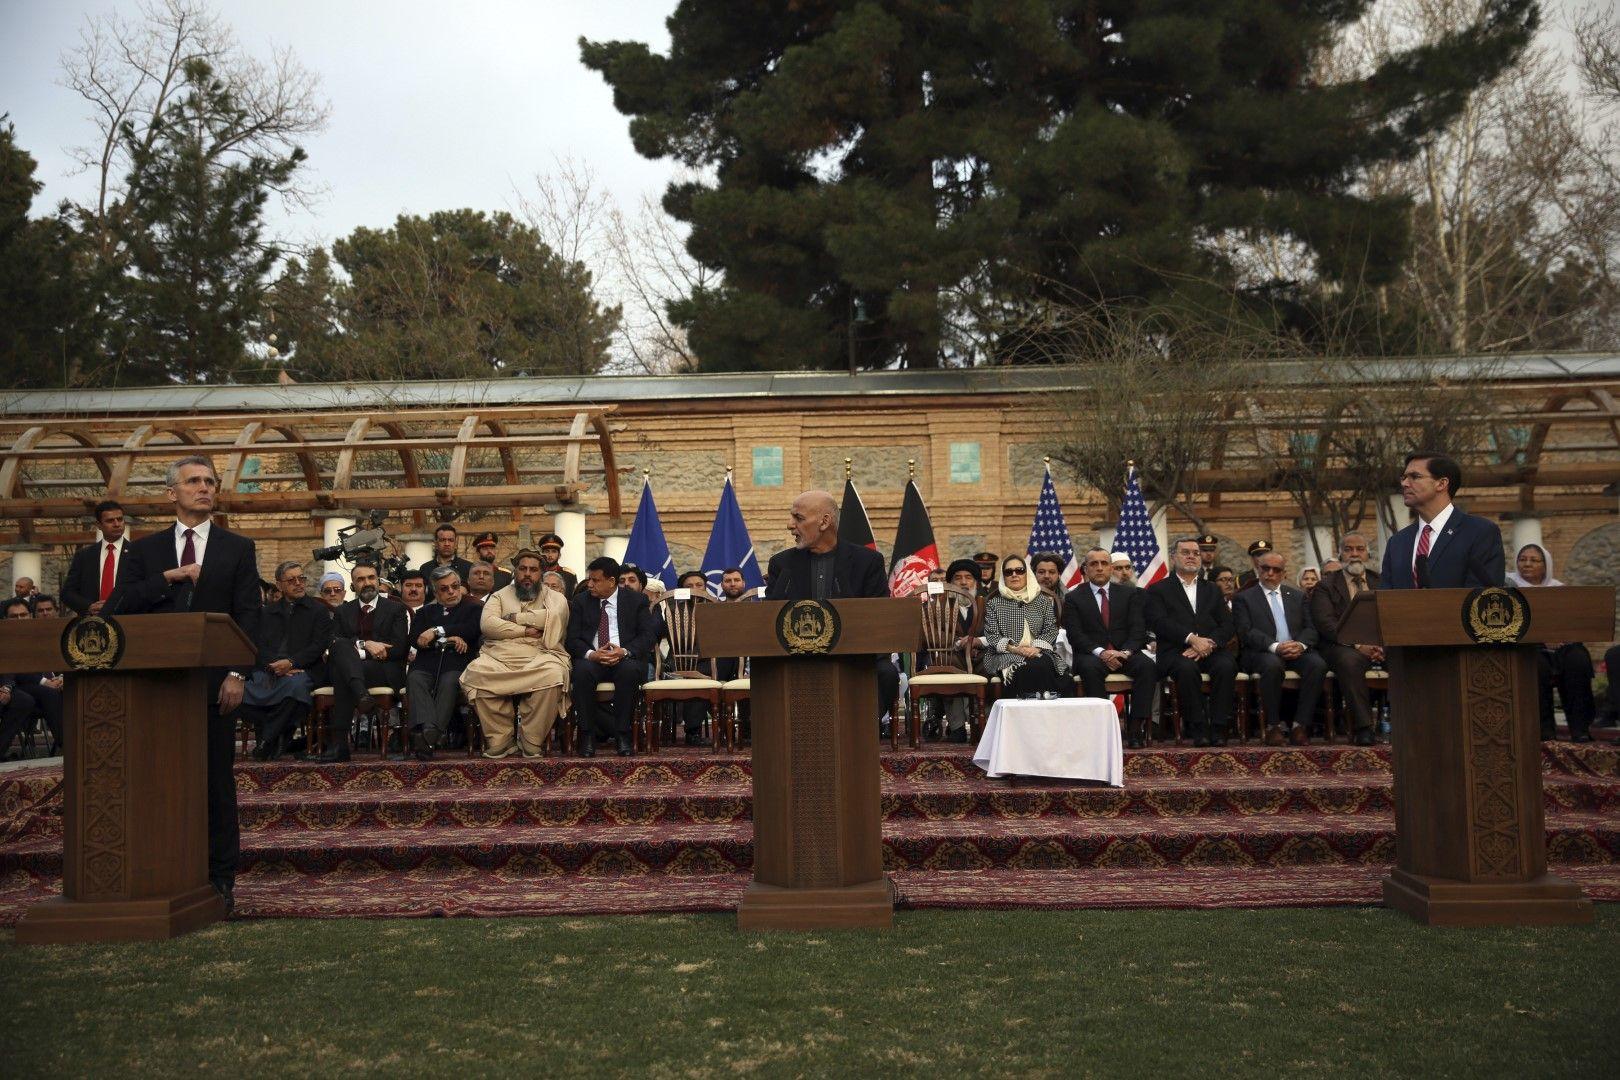 Генералният секретар на НАТО Йенс Столтенберг, афганистанският президент Ашраф Гани и министърът на отбраната на САЩ Марк Еспър говорят на пресконференция в Кабул, след като в Доха бе подписан мирният договор между САЩ и талибаните